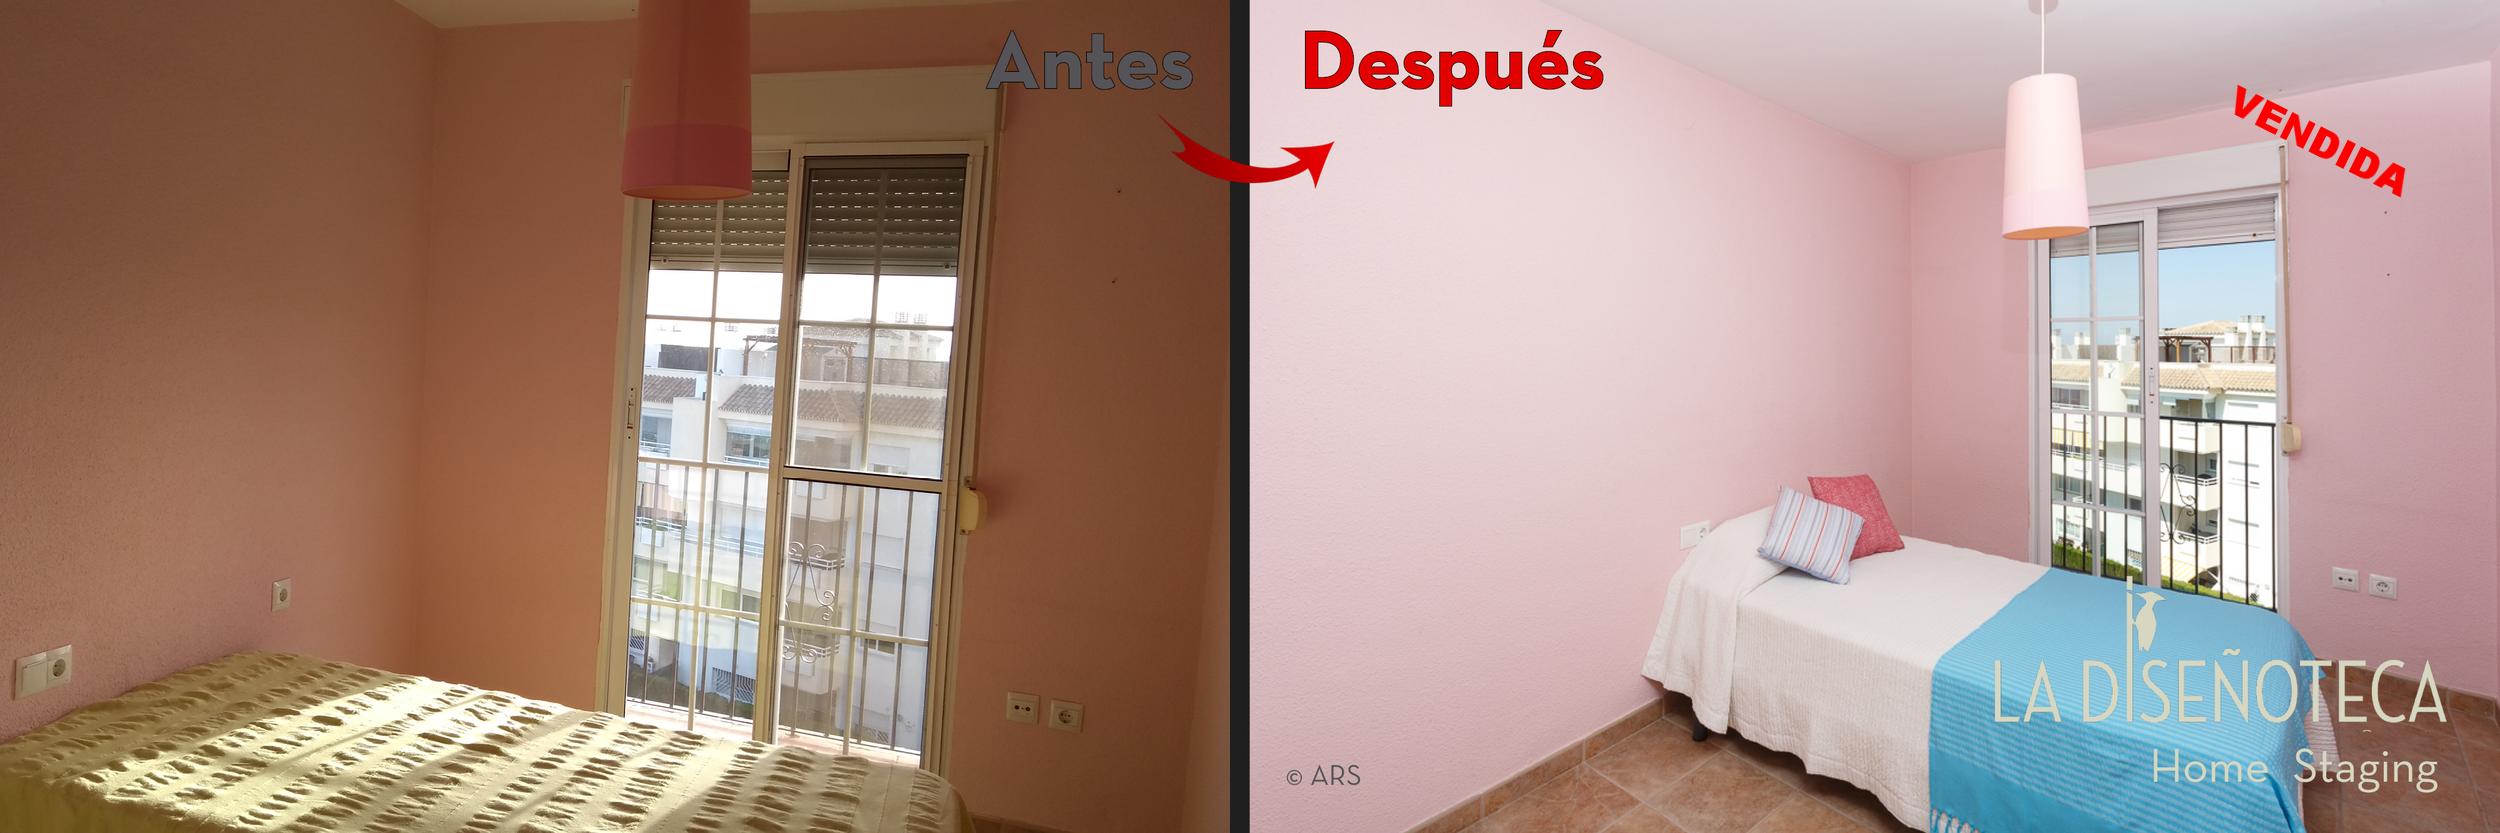 AntesyDespues Cueva_dormit2.png